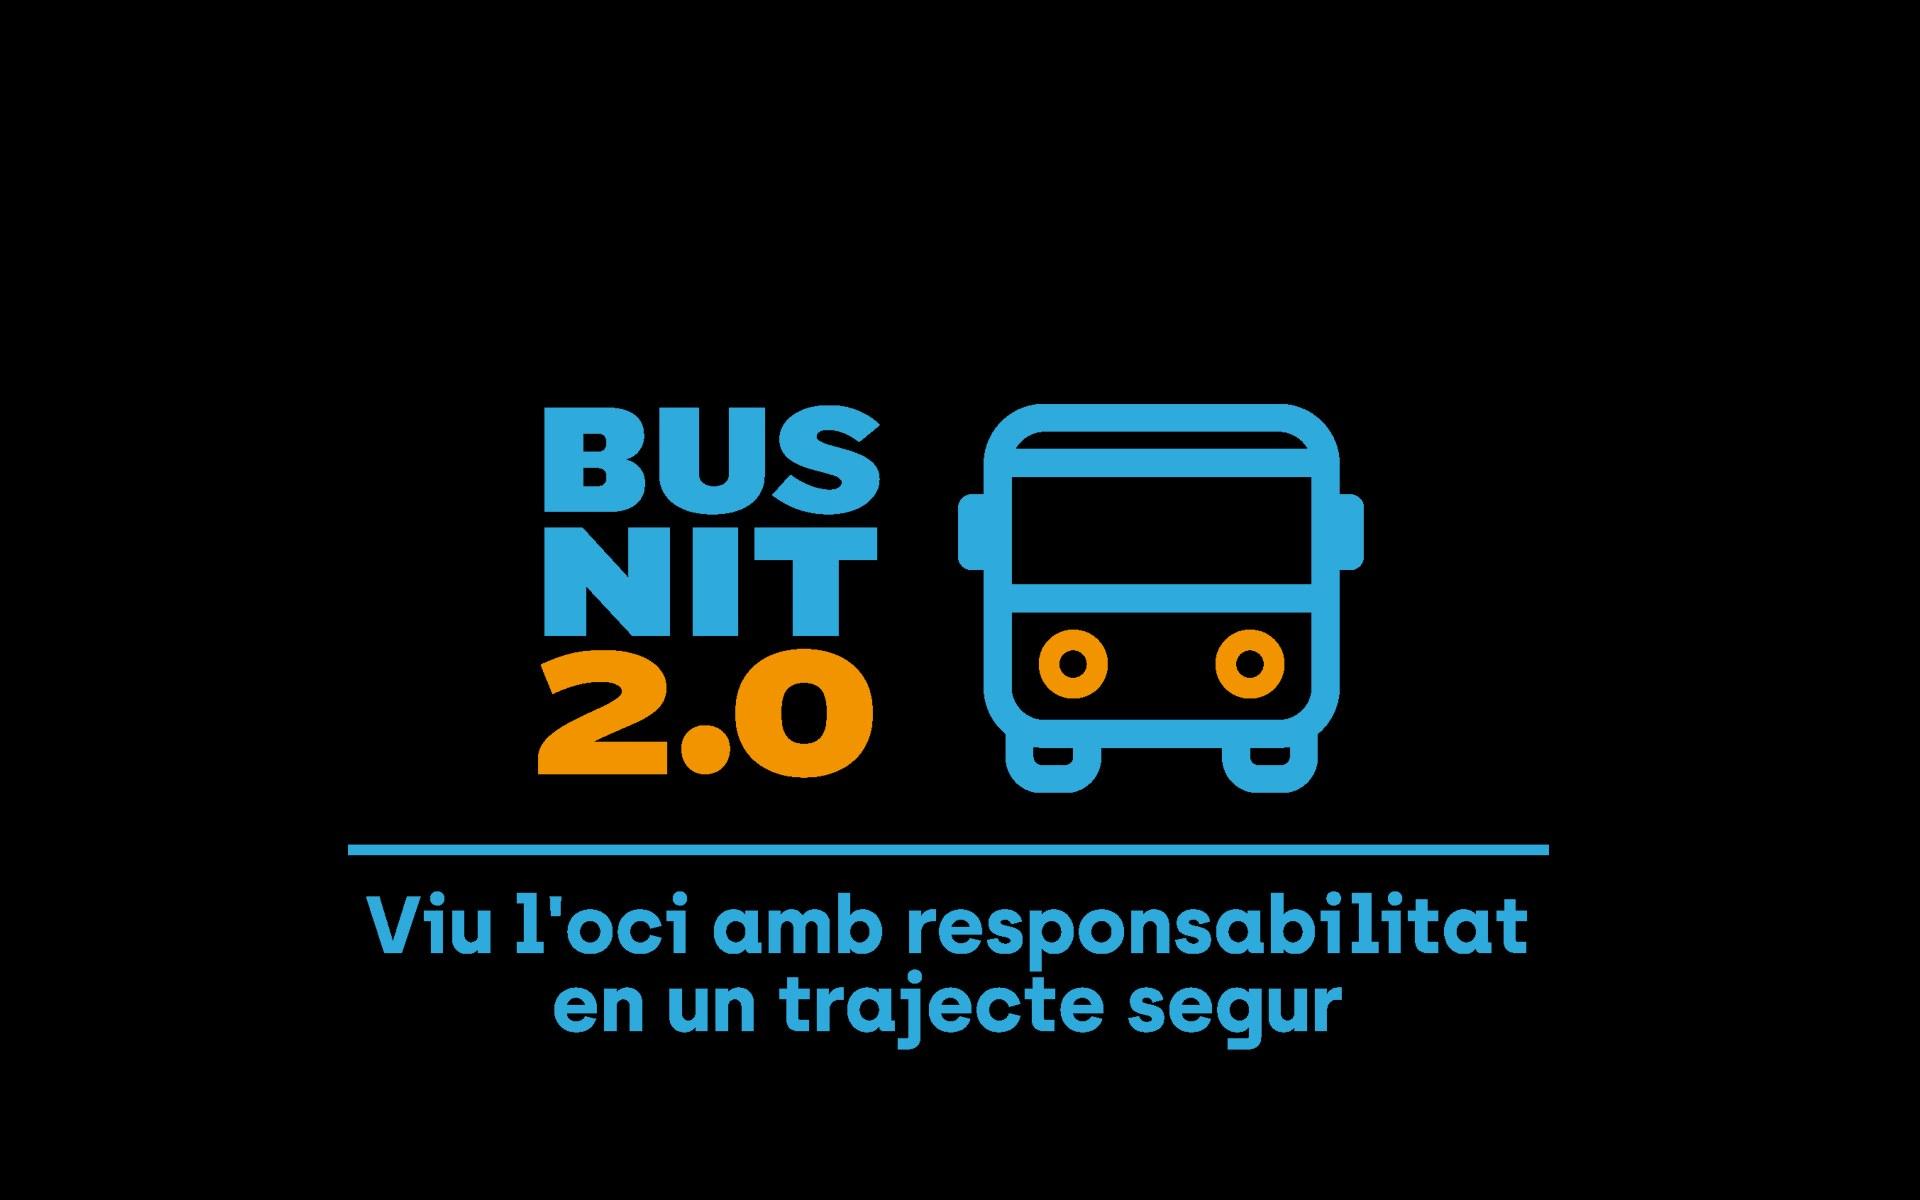 Bus Nit 2.0